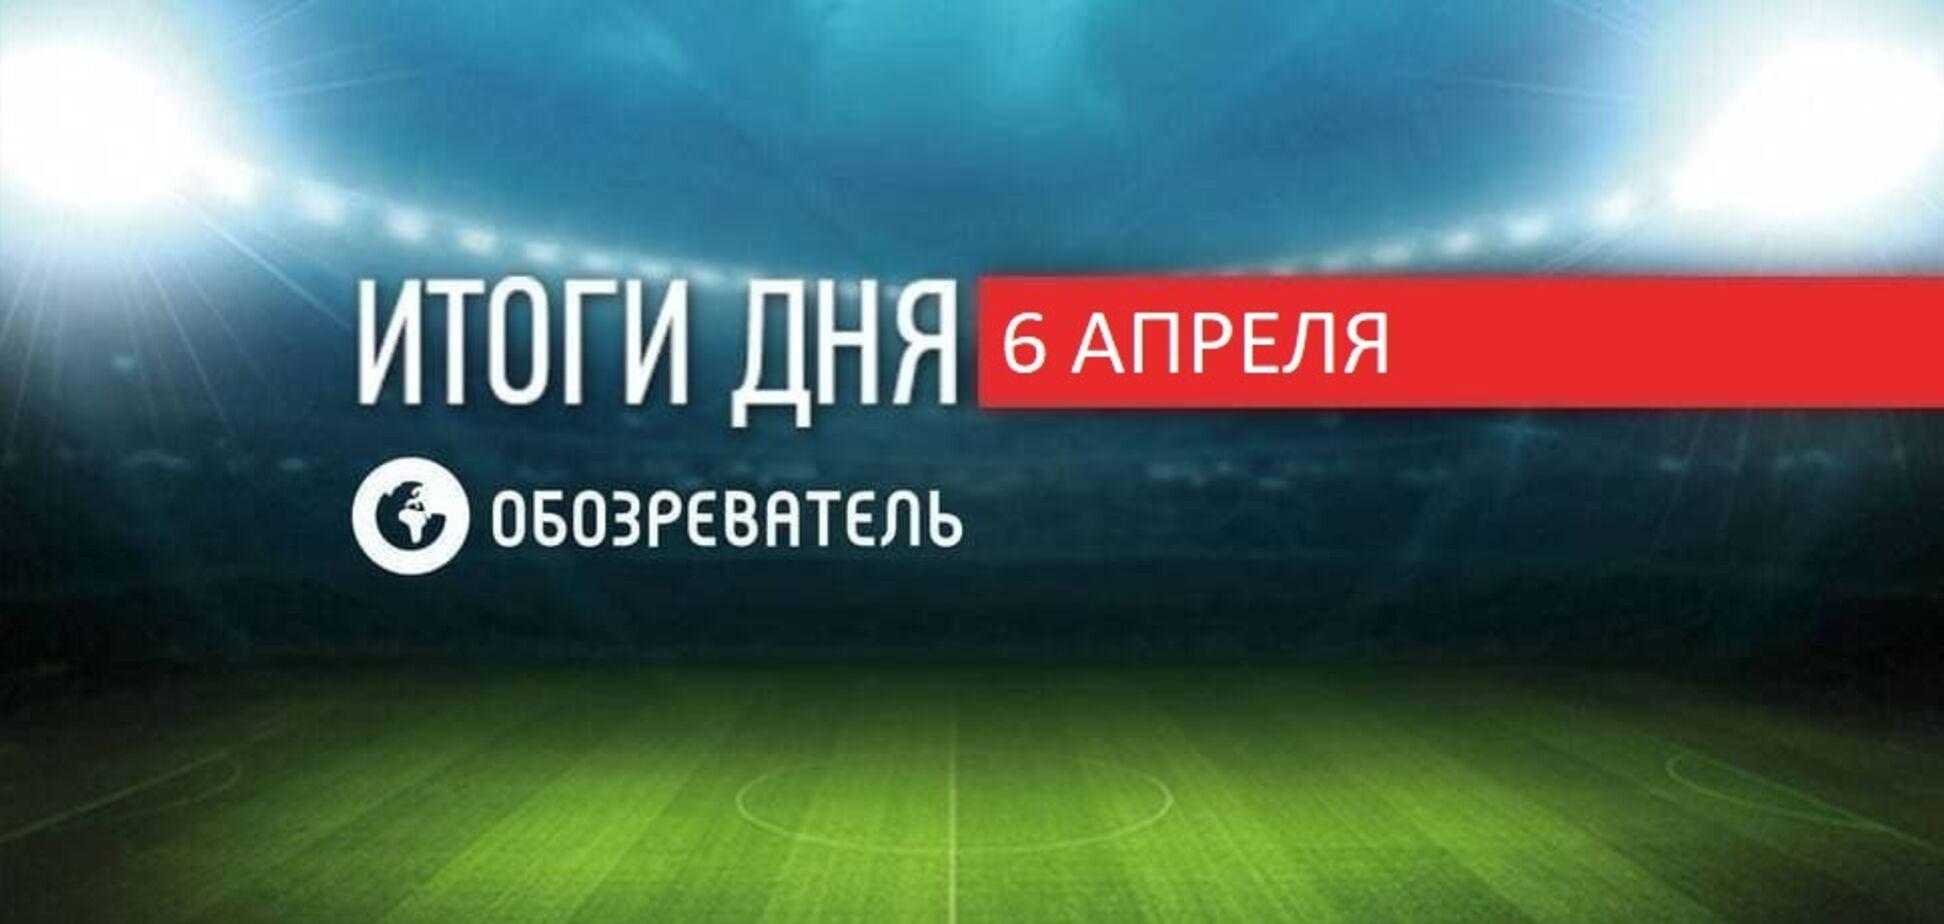 Новости спорта 6 апреля: украинский каратист объяснил, почему не воспринимает Усика и Ломаченко